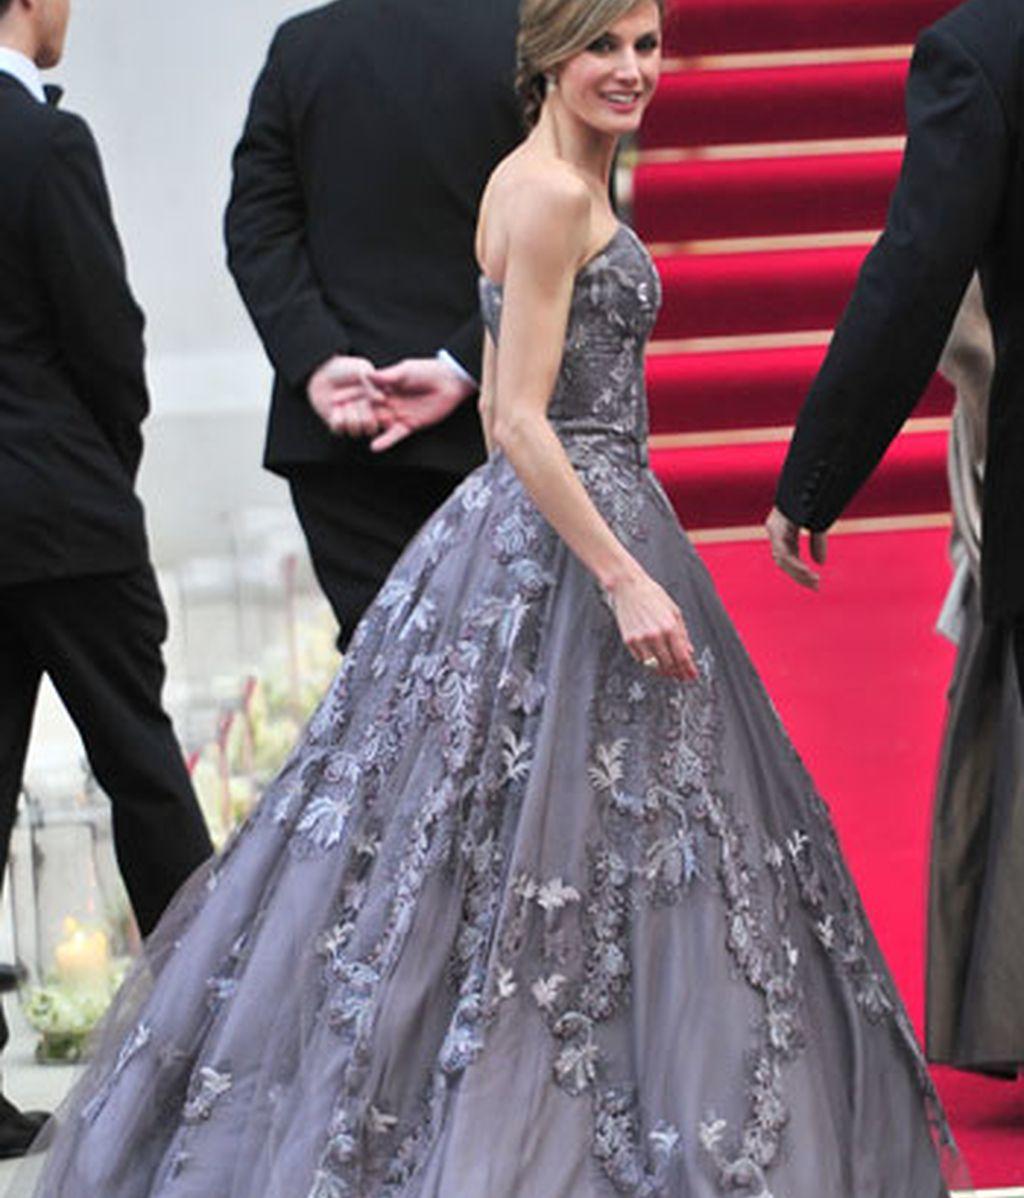 La cena de gala previa al enlace de Kate Middleton y el príncipe Guillermo